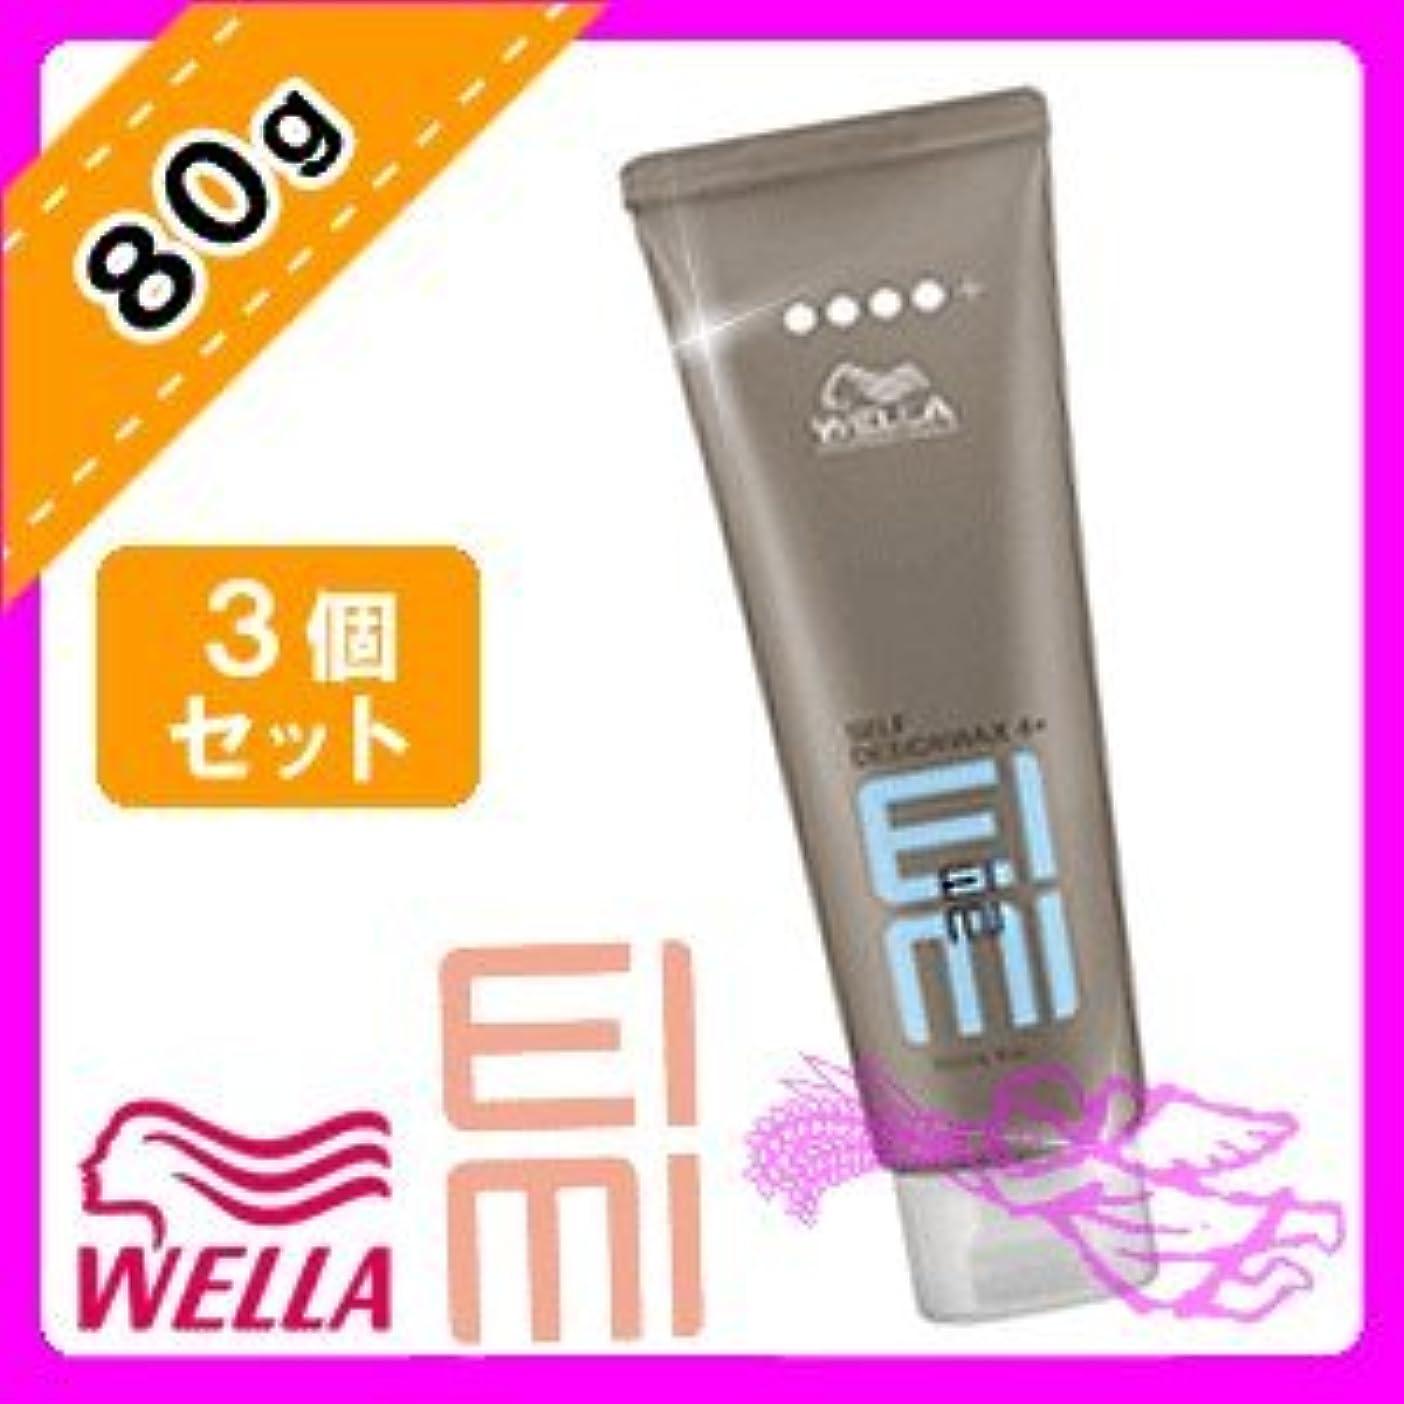 細断ランチョン作り上げるウエラ EIMI(アイミィ) セルフデザインワックス4+ 80g ×3個 セット WELLA P&G